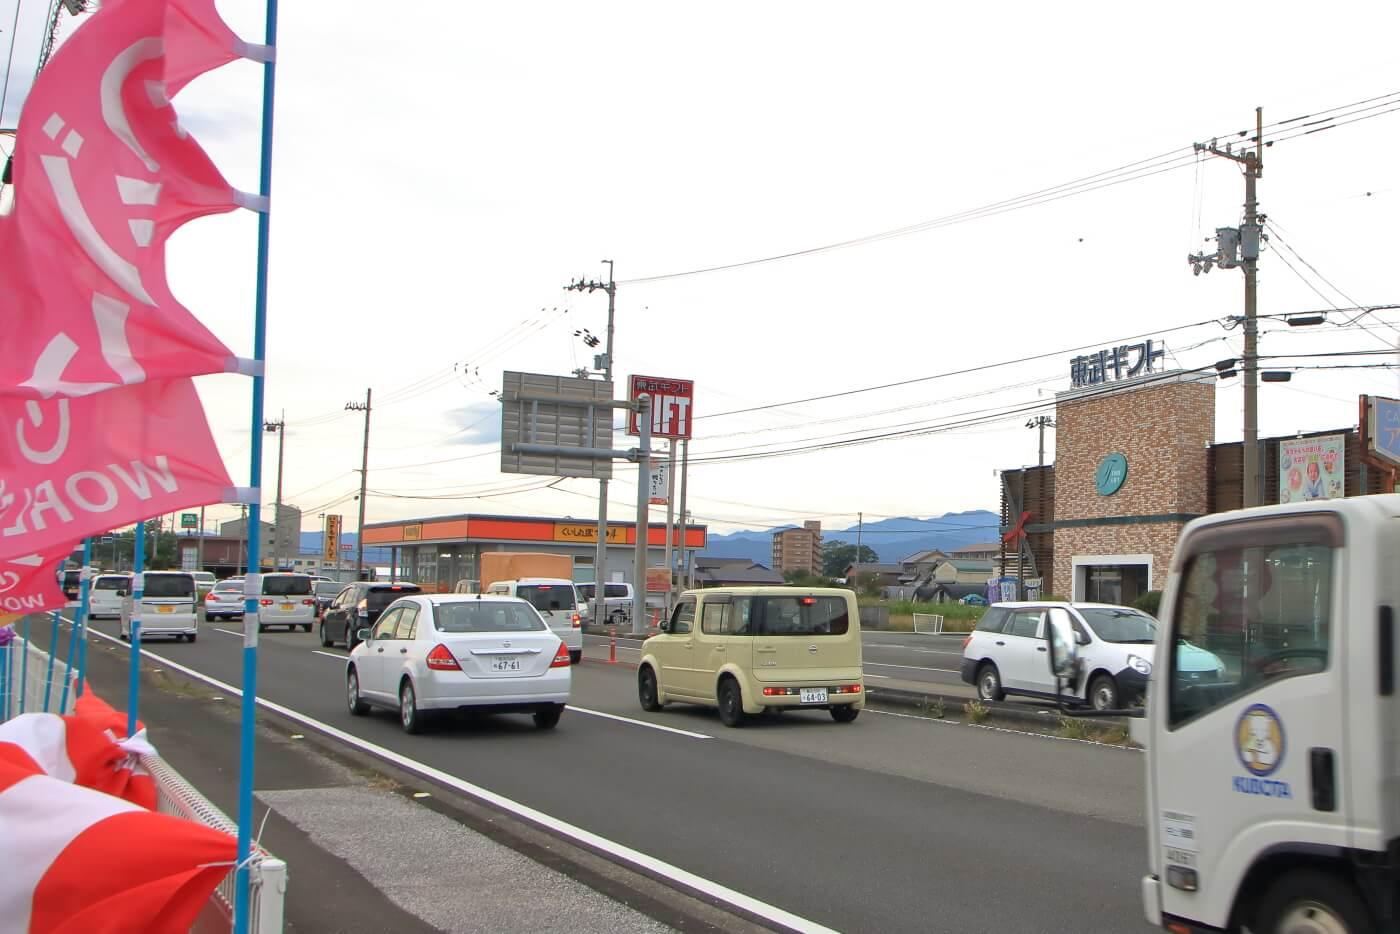 ワールドプラスジム 高知香南店 店先の風景